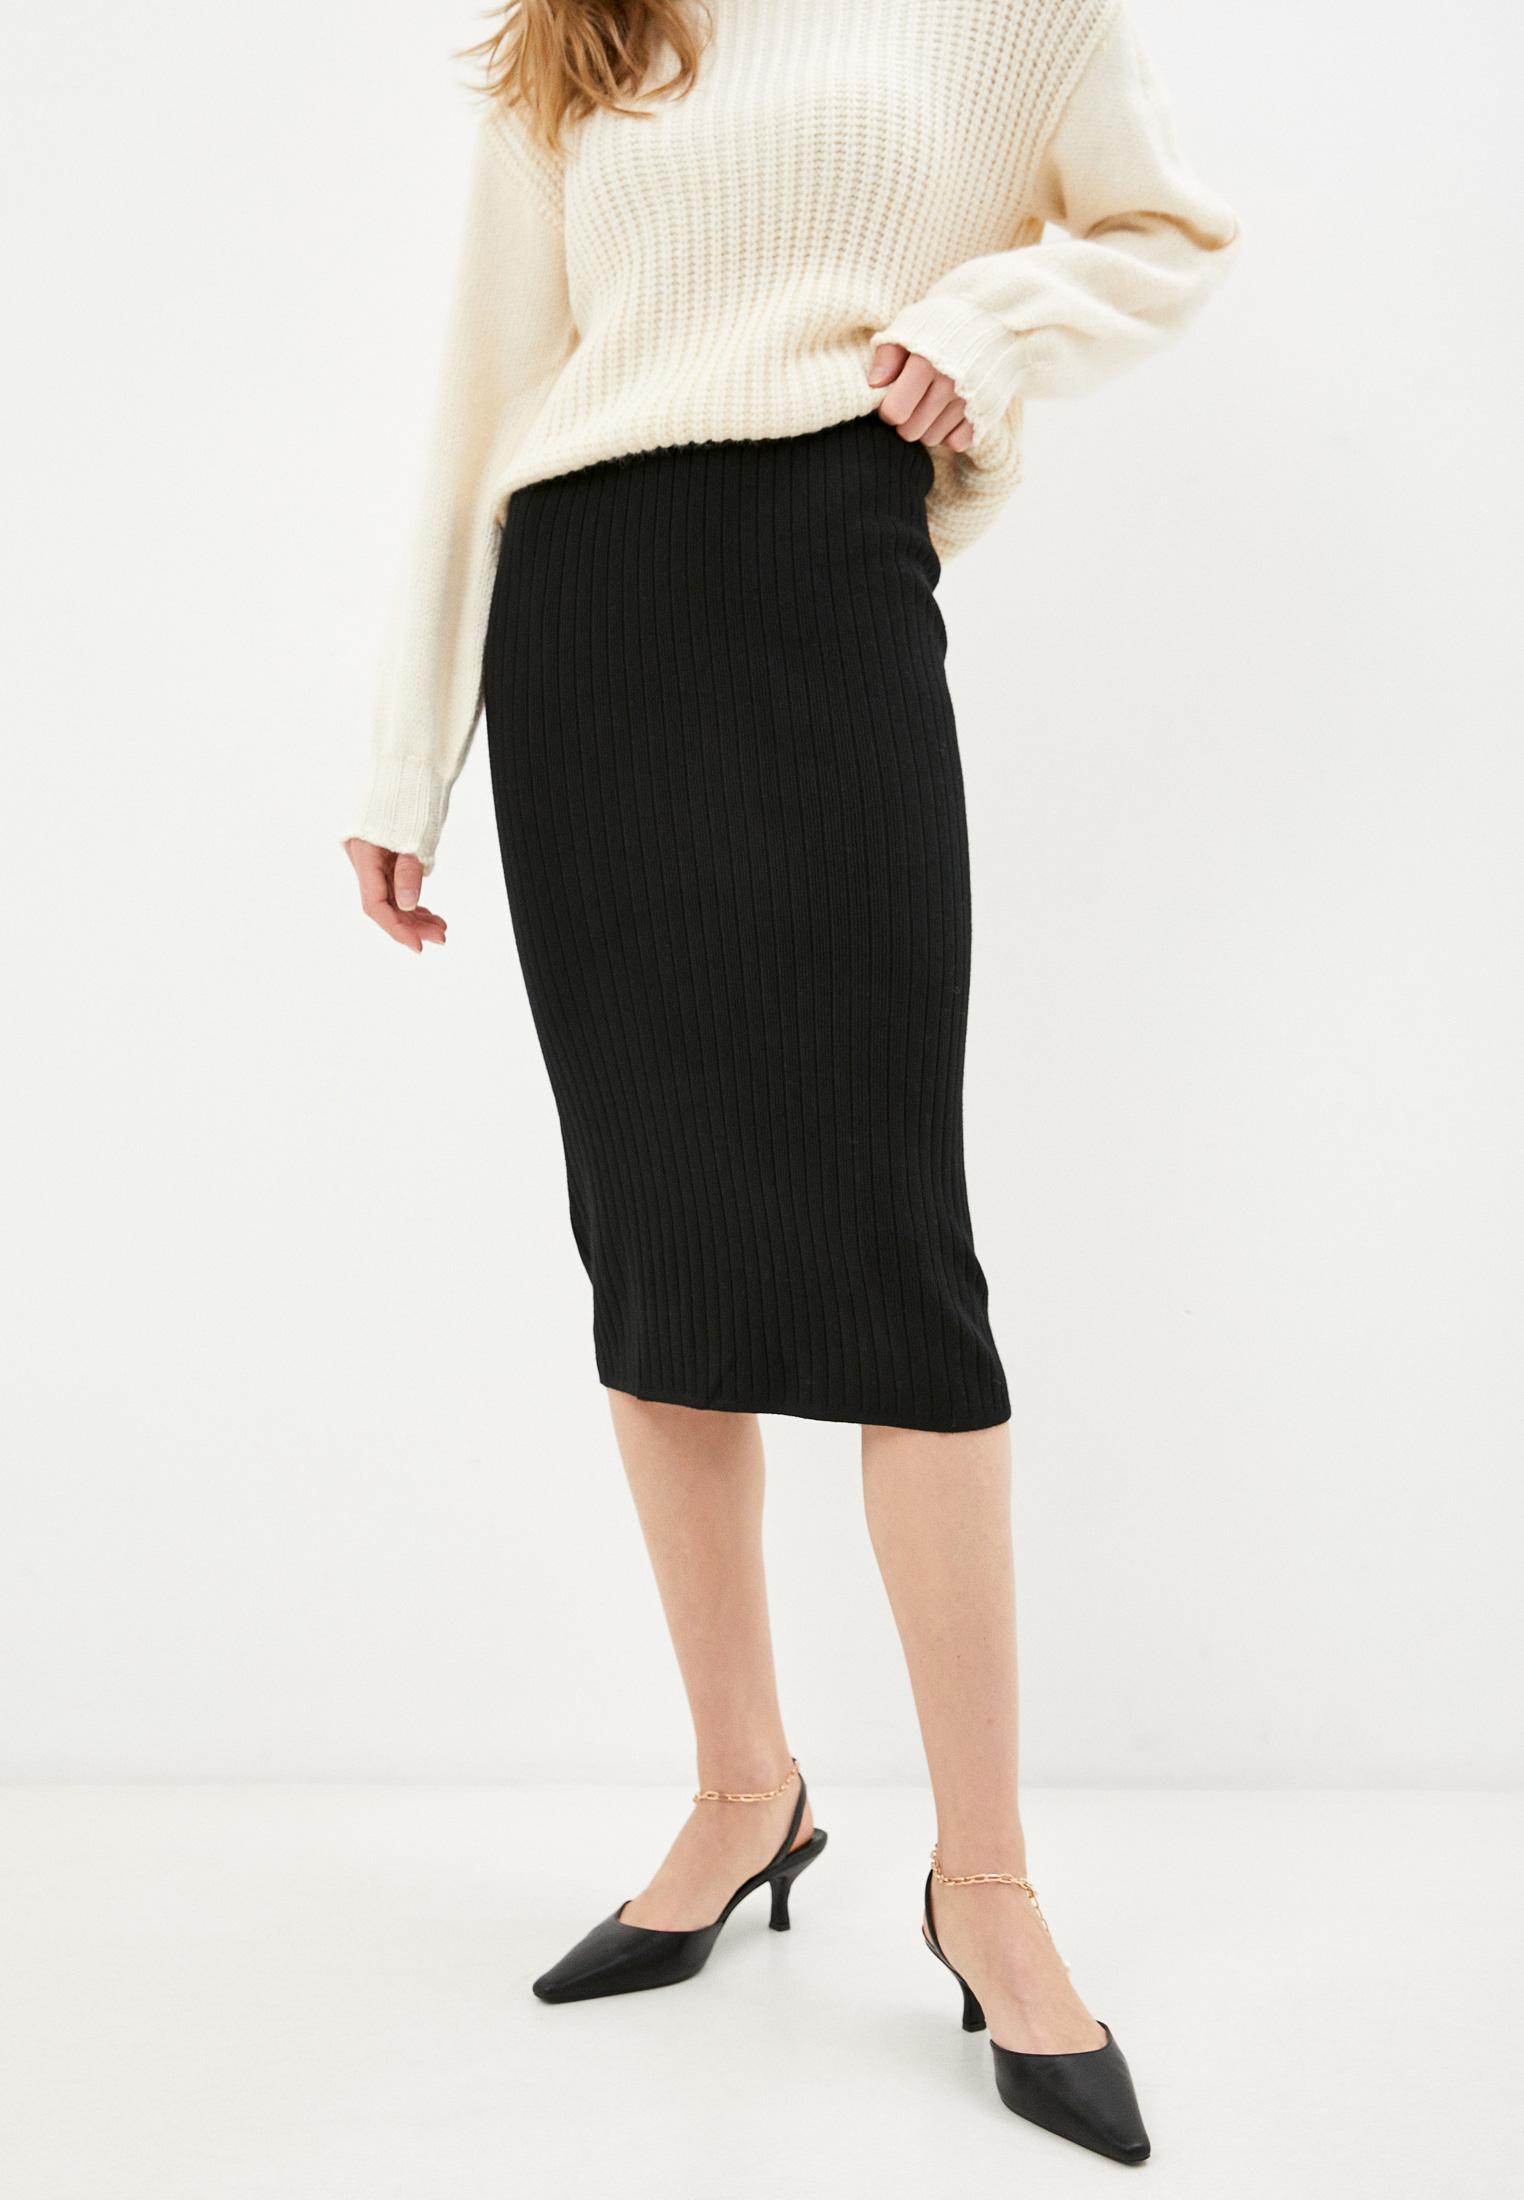 Узкая юбка Moda Sincera Юбка Moda Sincera